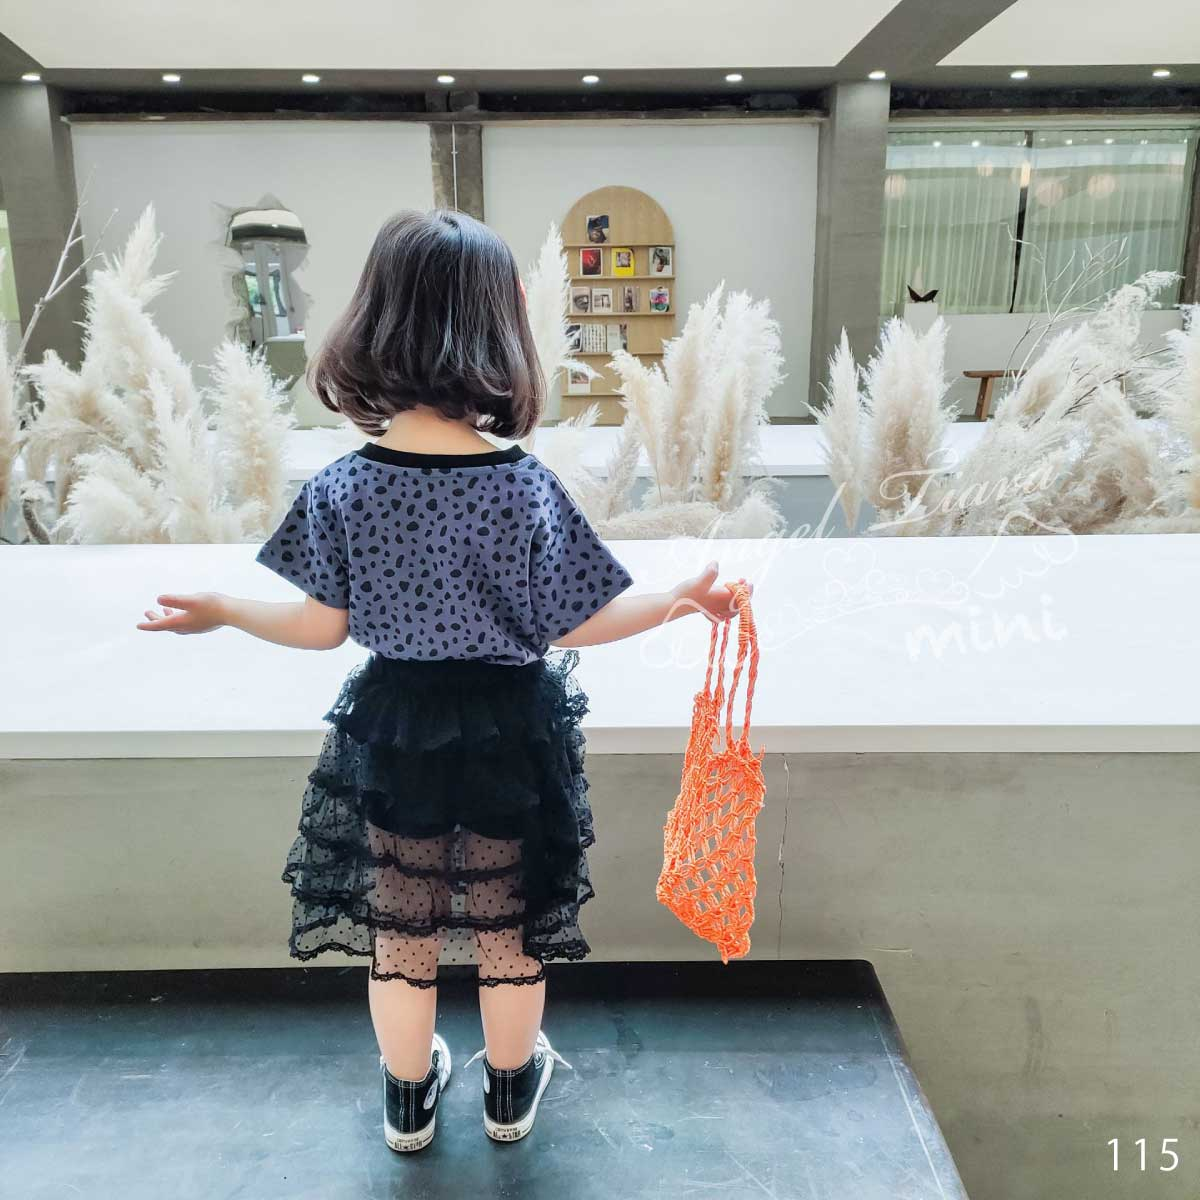 子供服 キッズ 女の子 ボトムス チュールスカート スカート スパッツ付き 足見せ ブラック ドット柄  KG115